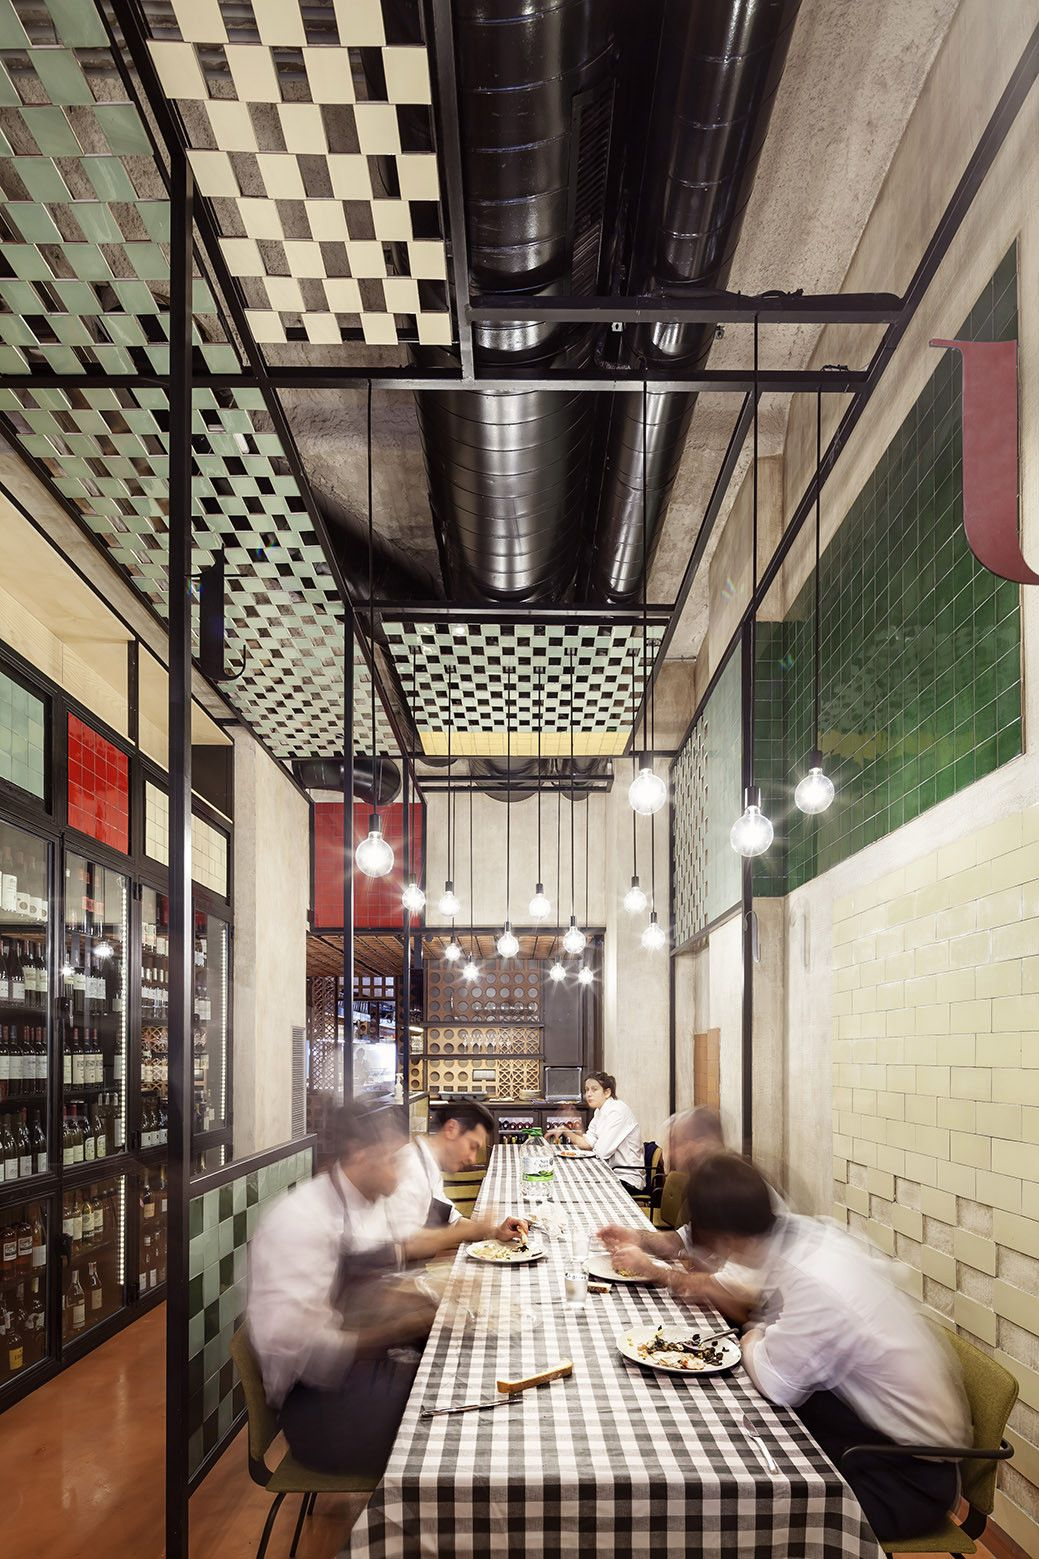 Gallery - Disfrutar Restaurant / El Equipo Creativo - 5